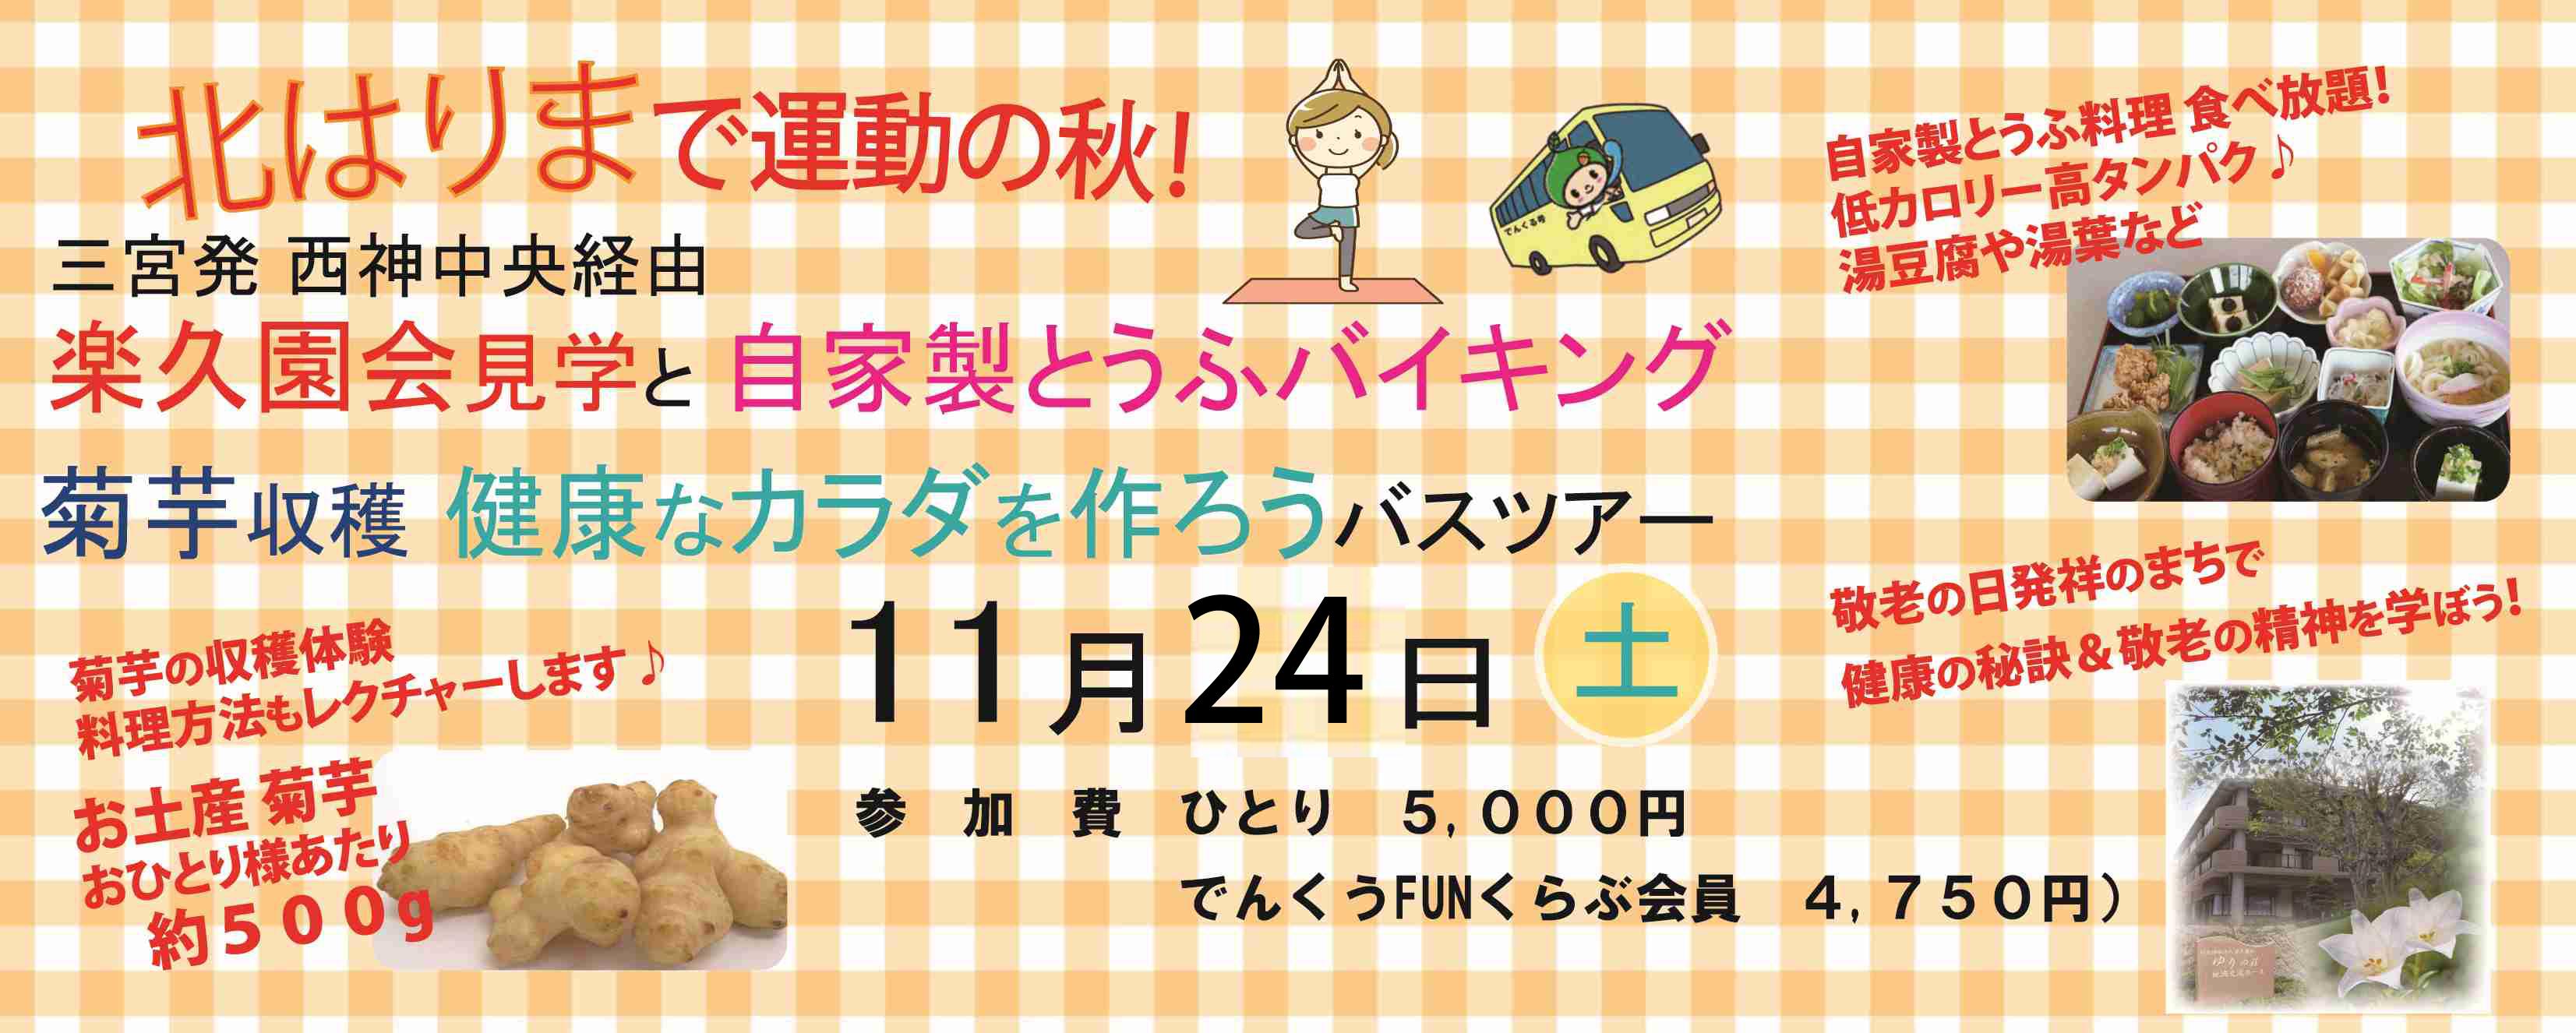 11/24バスツアー(9/15)